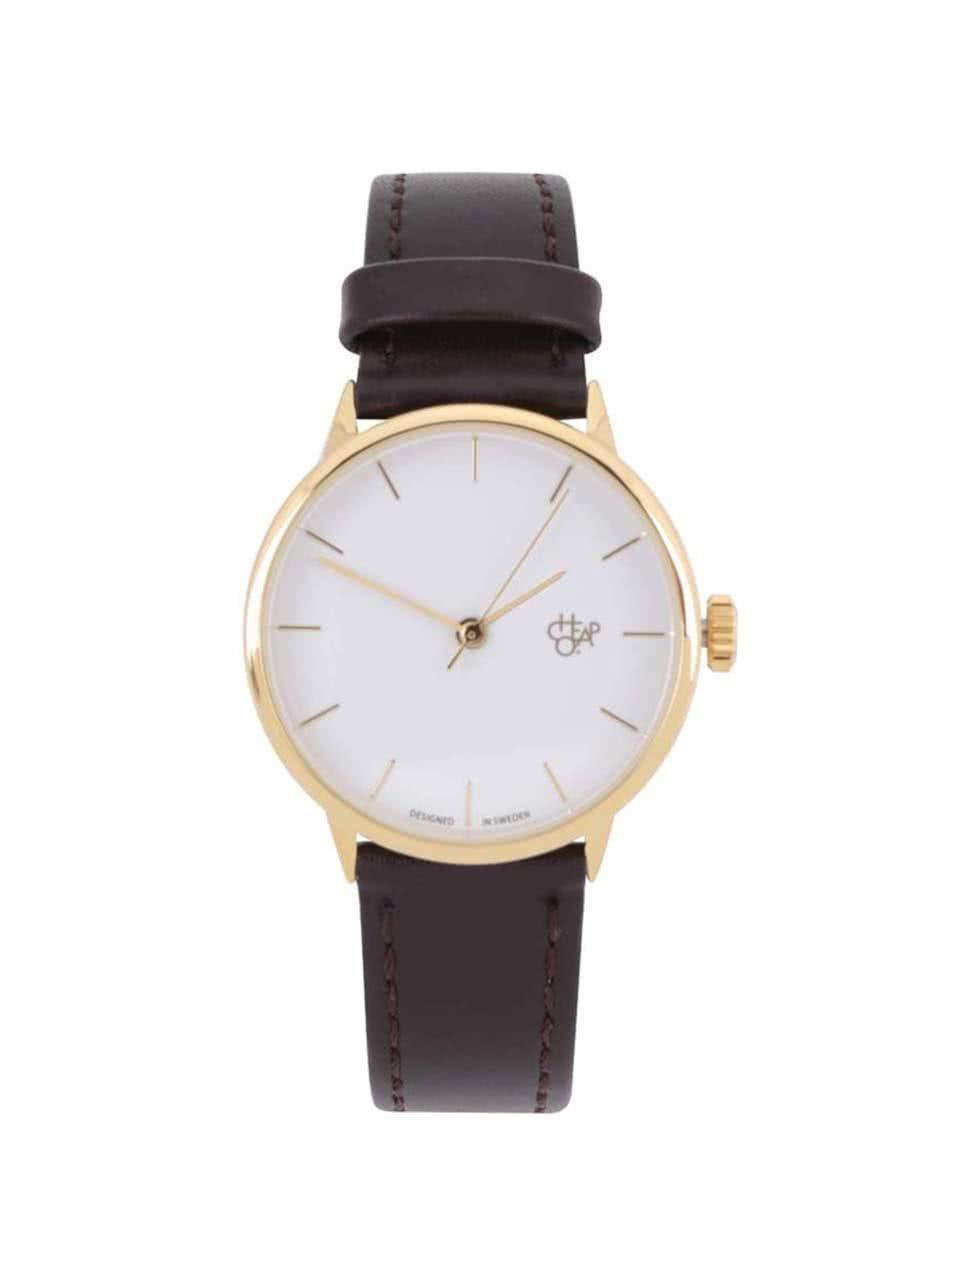 Dámské hodinky ve zlaté barvě s tmavě hnědým páskem z veganské kůže CHPO  Khorshid Mini Gold ... 7b02cd1eb9